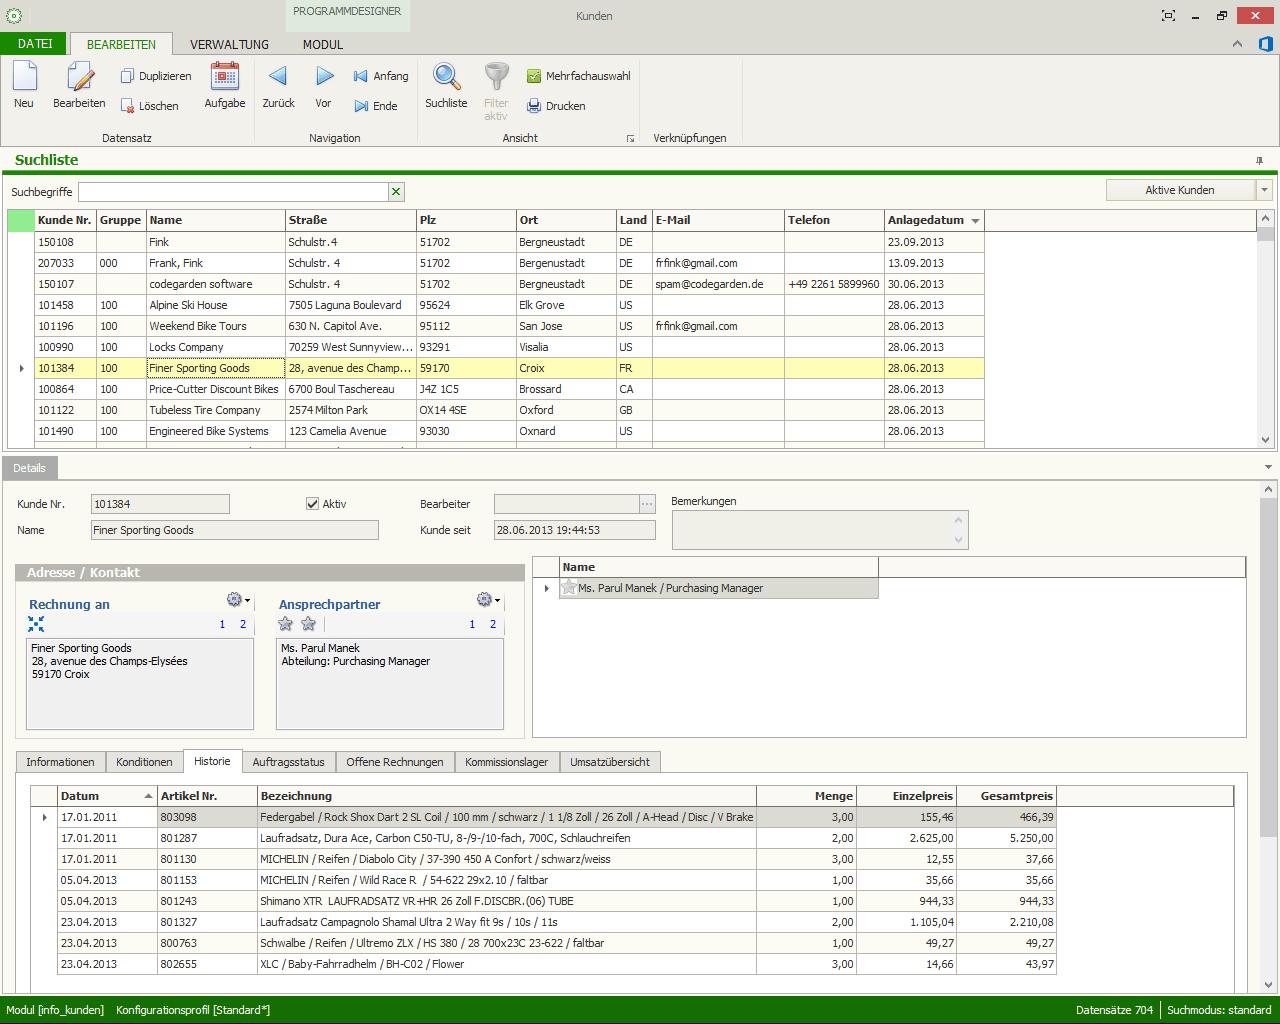 kontor.NET R4 Warenwirtschaft